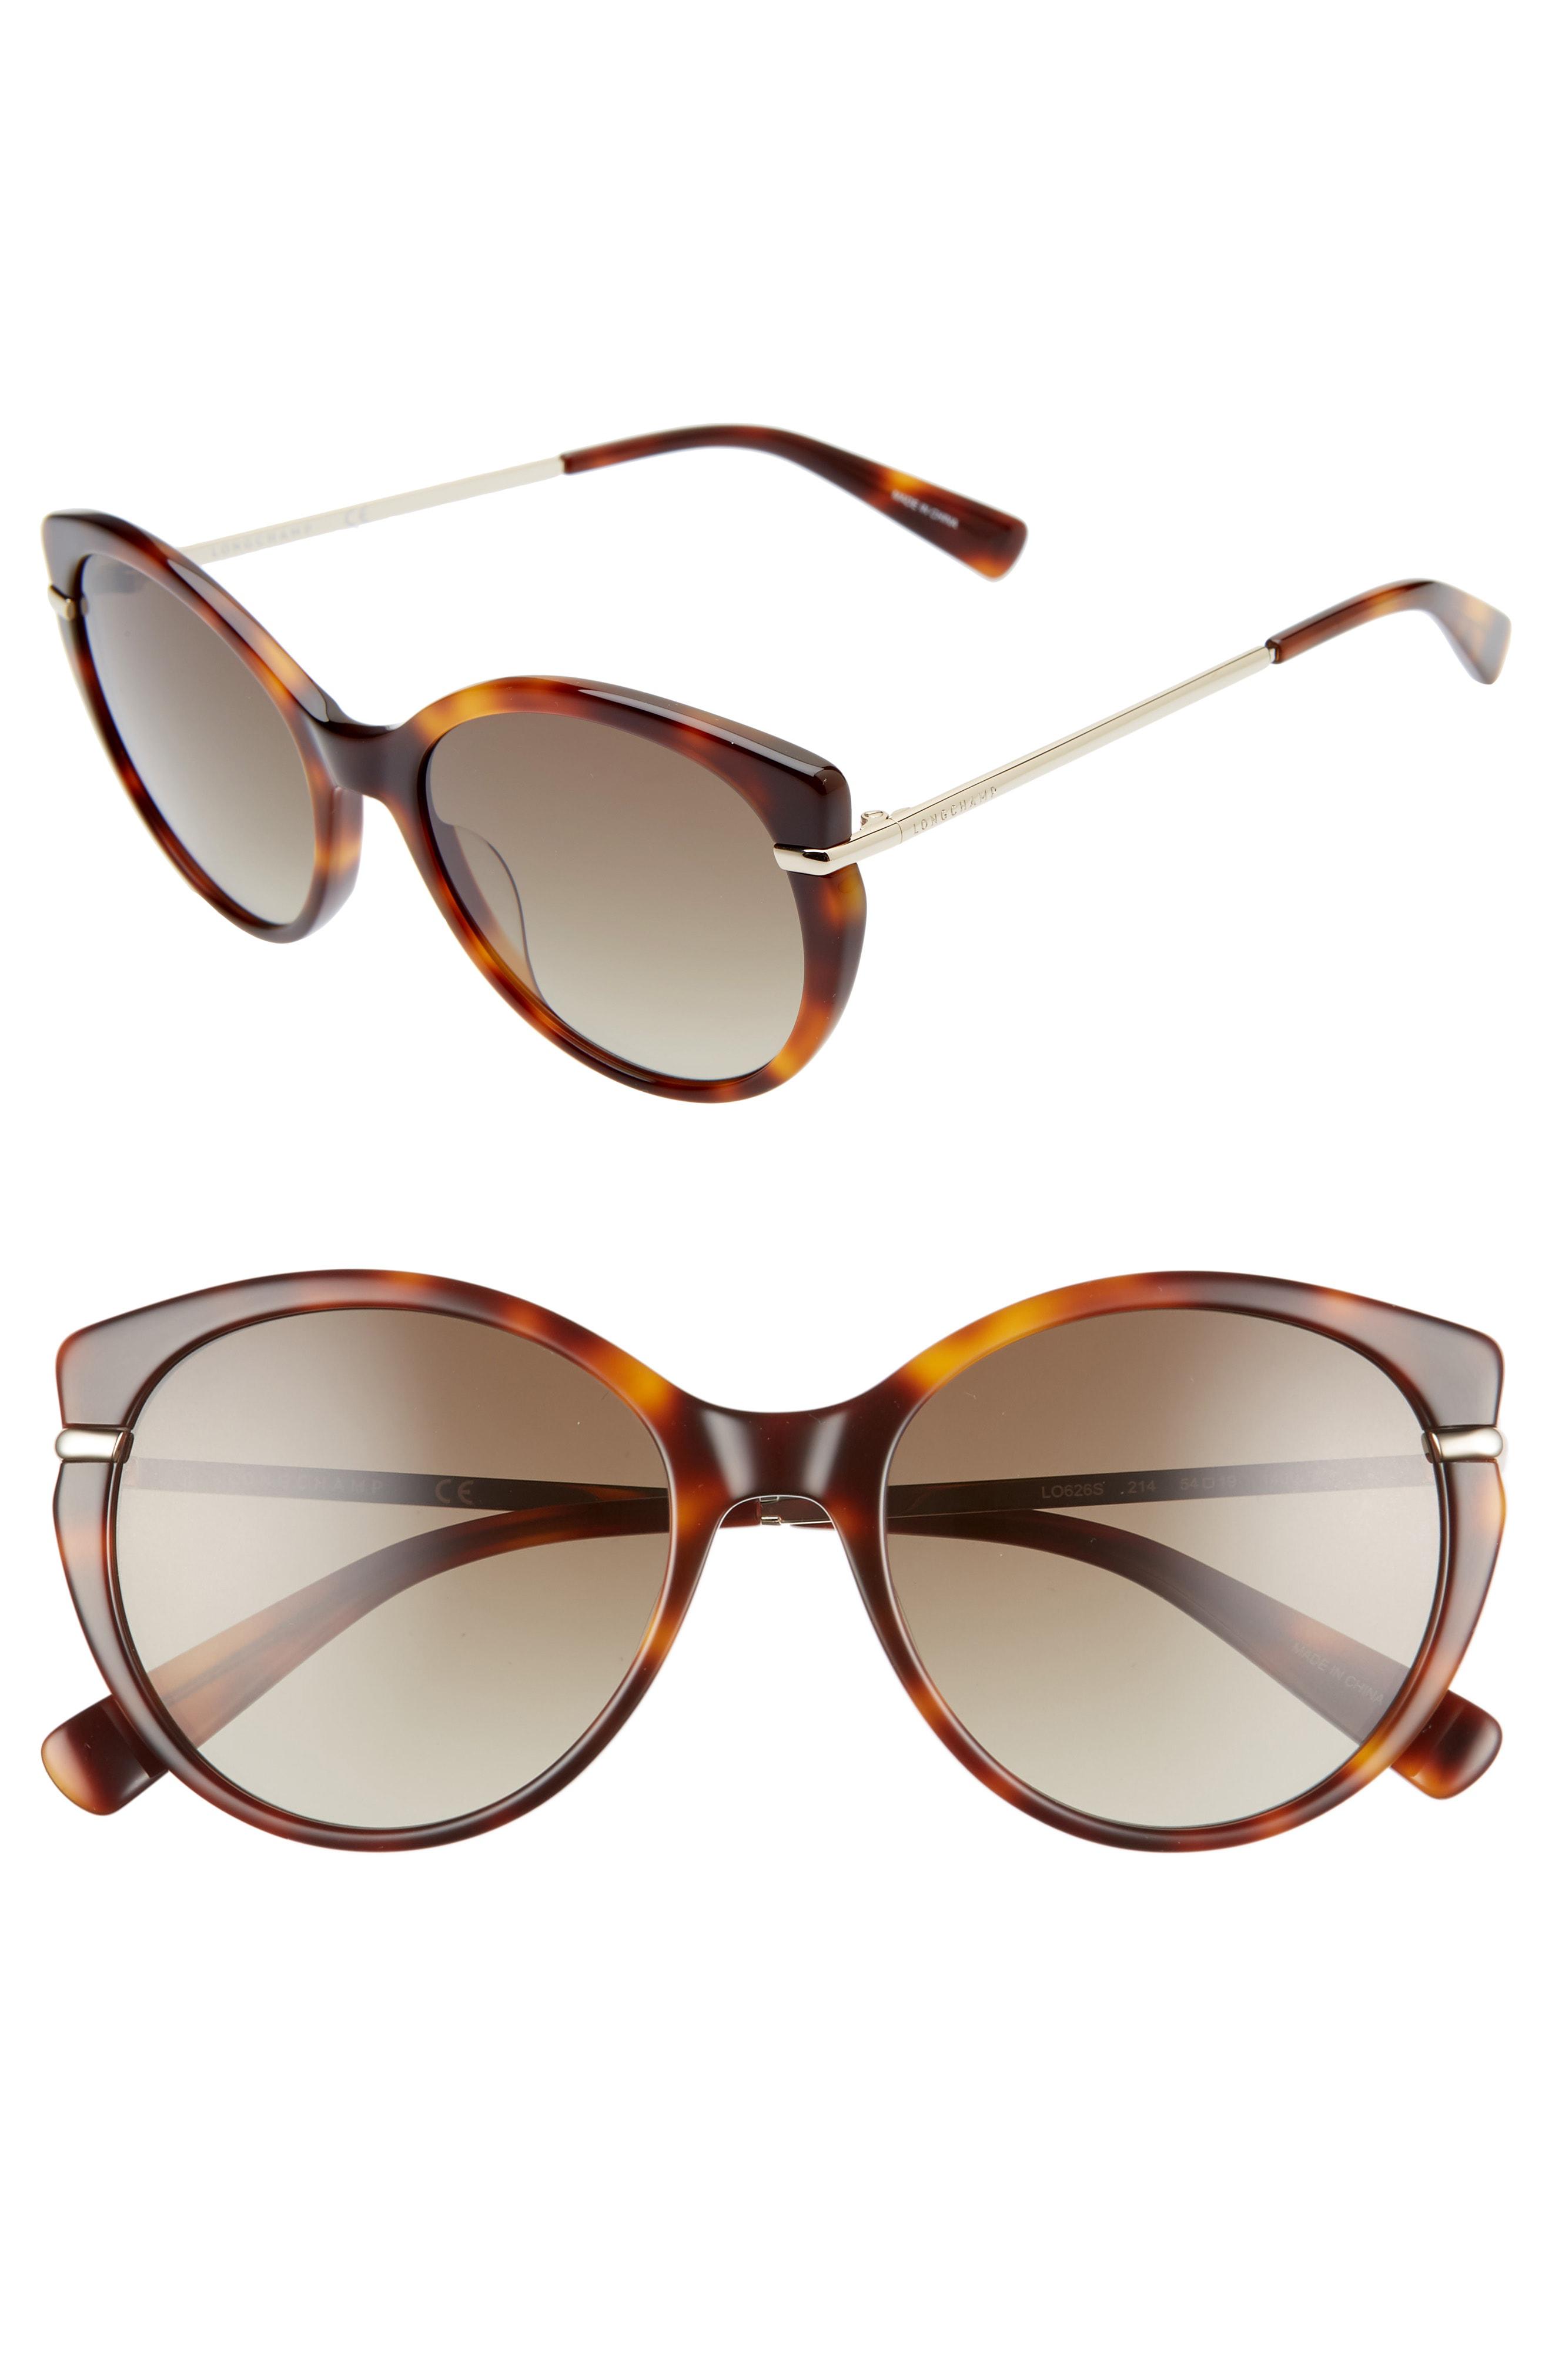 97ee53333ba8 Longchamp Heritage 54Mm Gradient Cat Eye Sunglasses - Havana | ModeSens